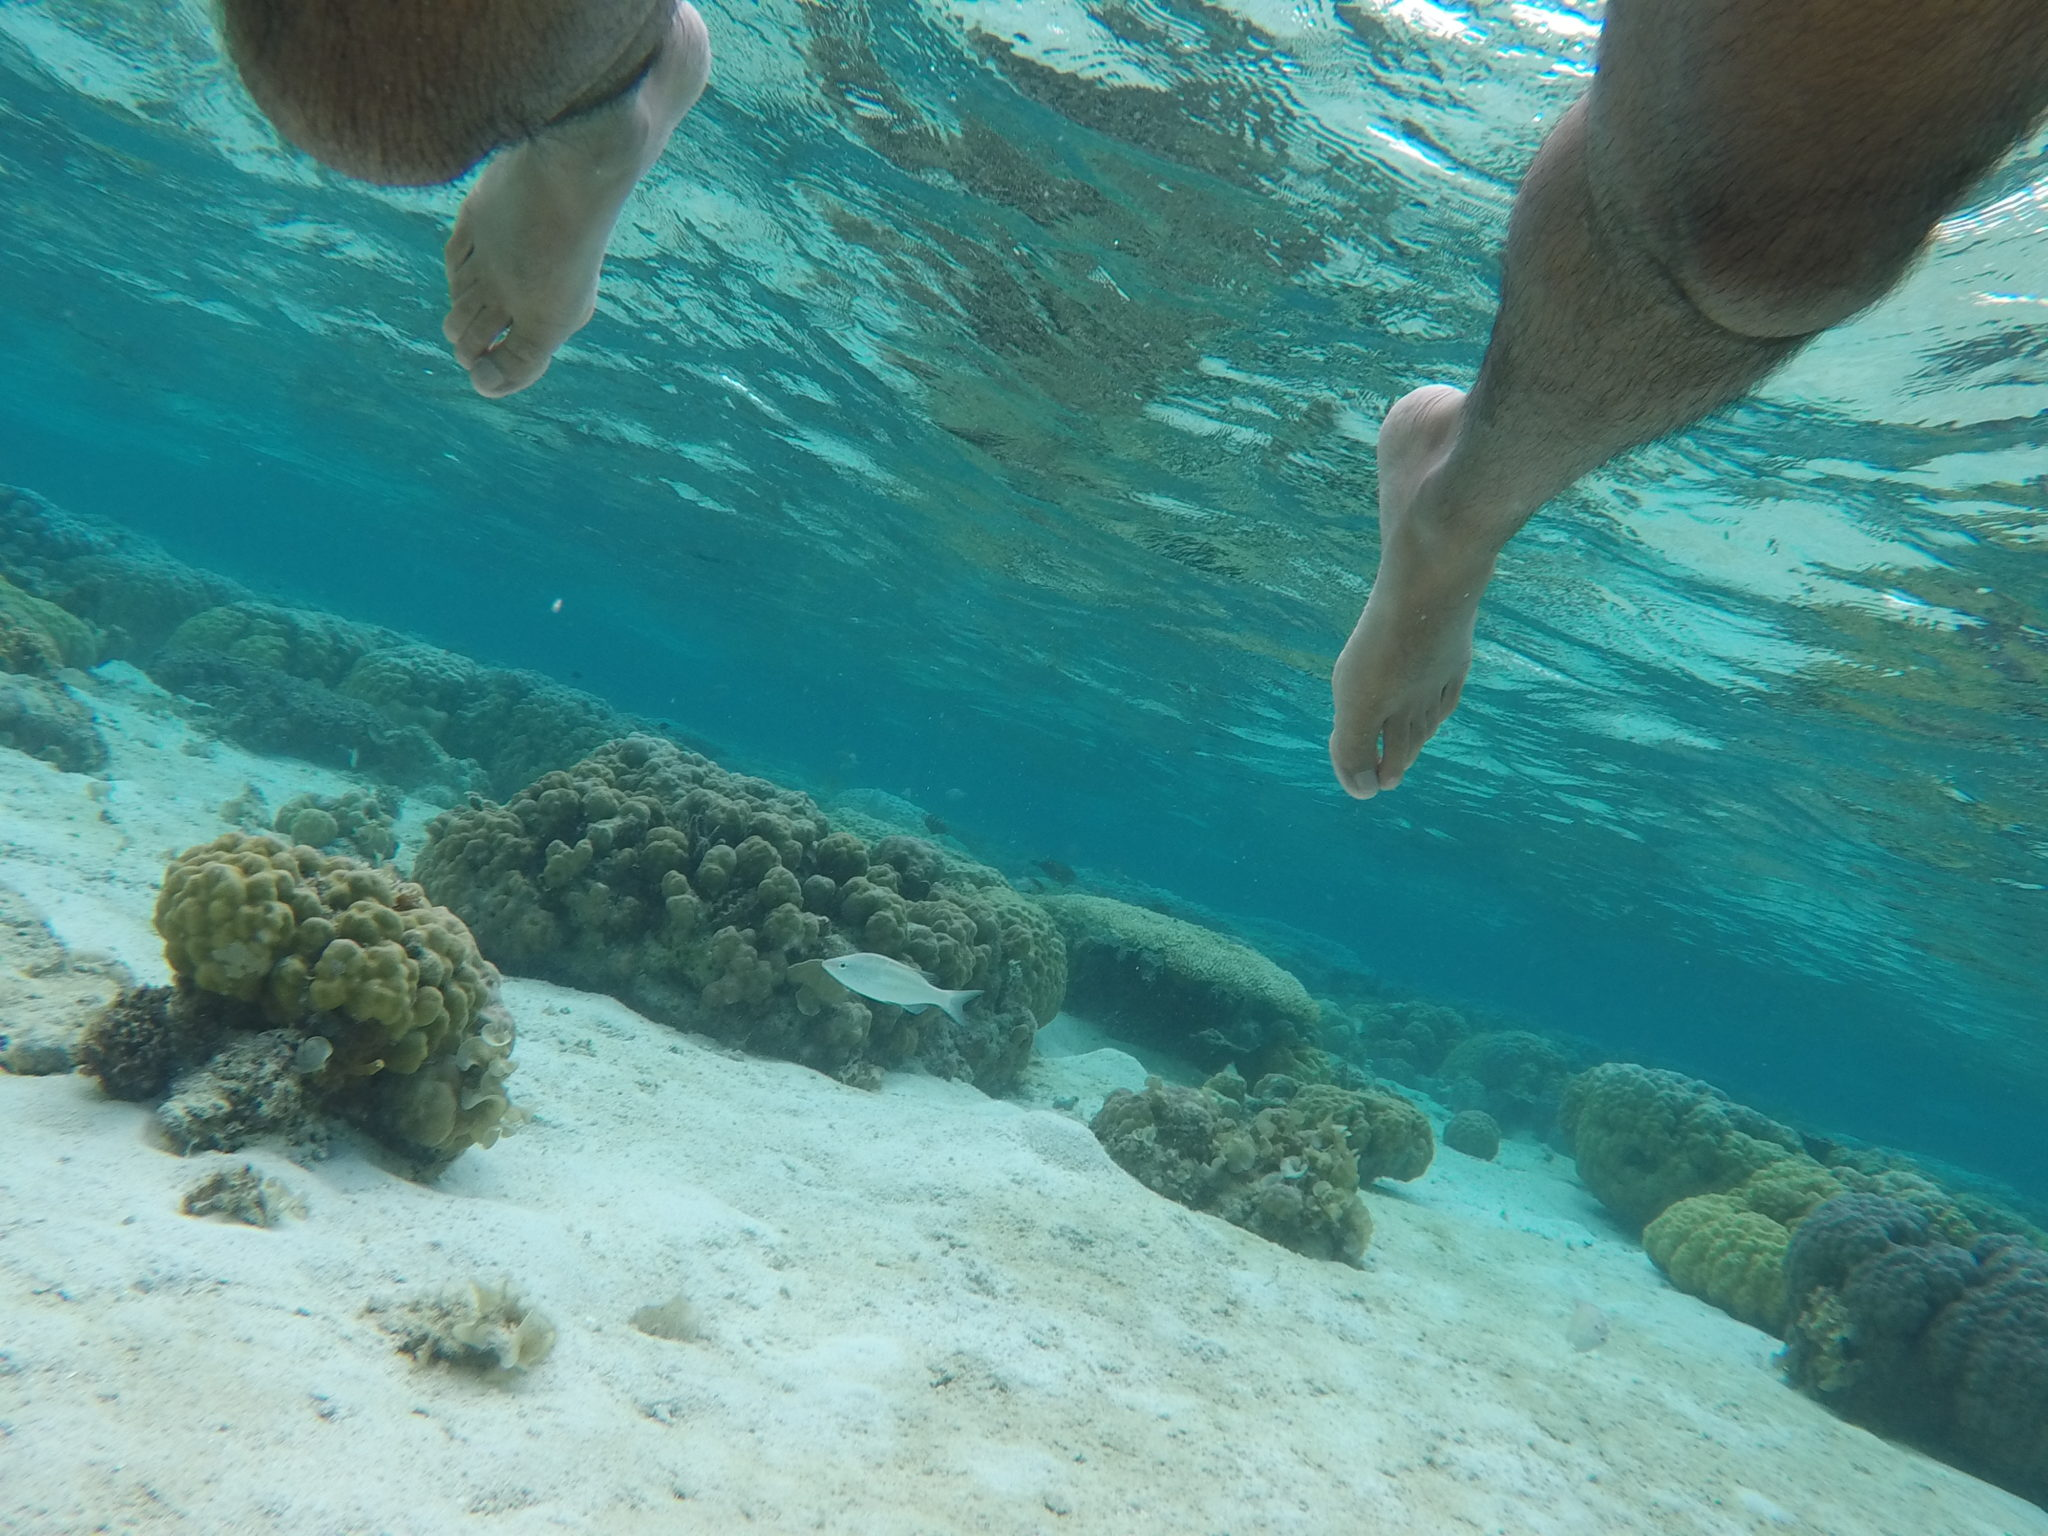 Is snorkelling dangerous?